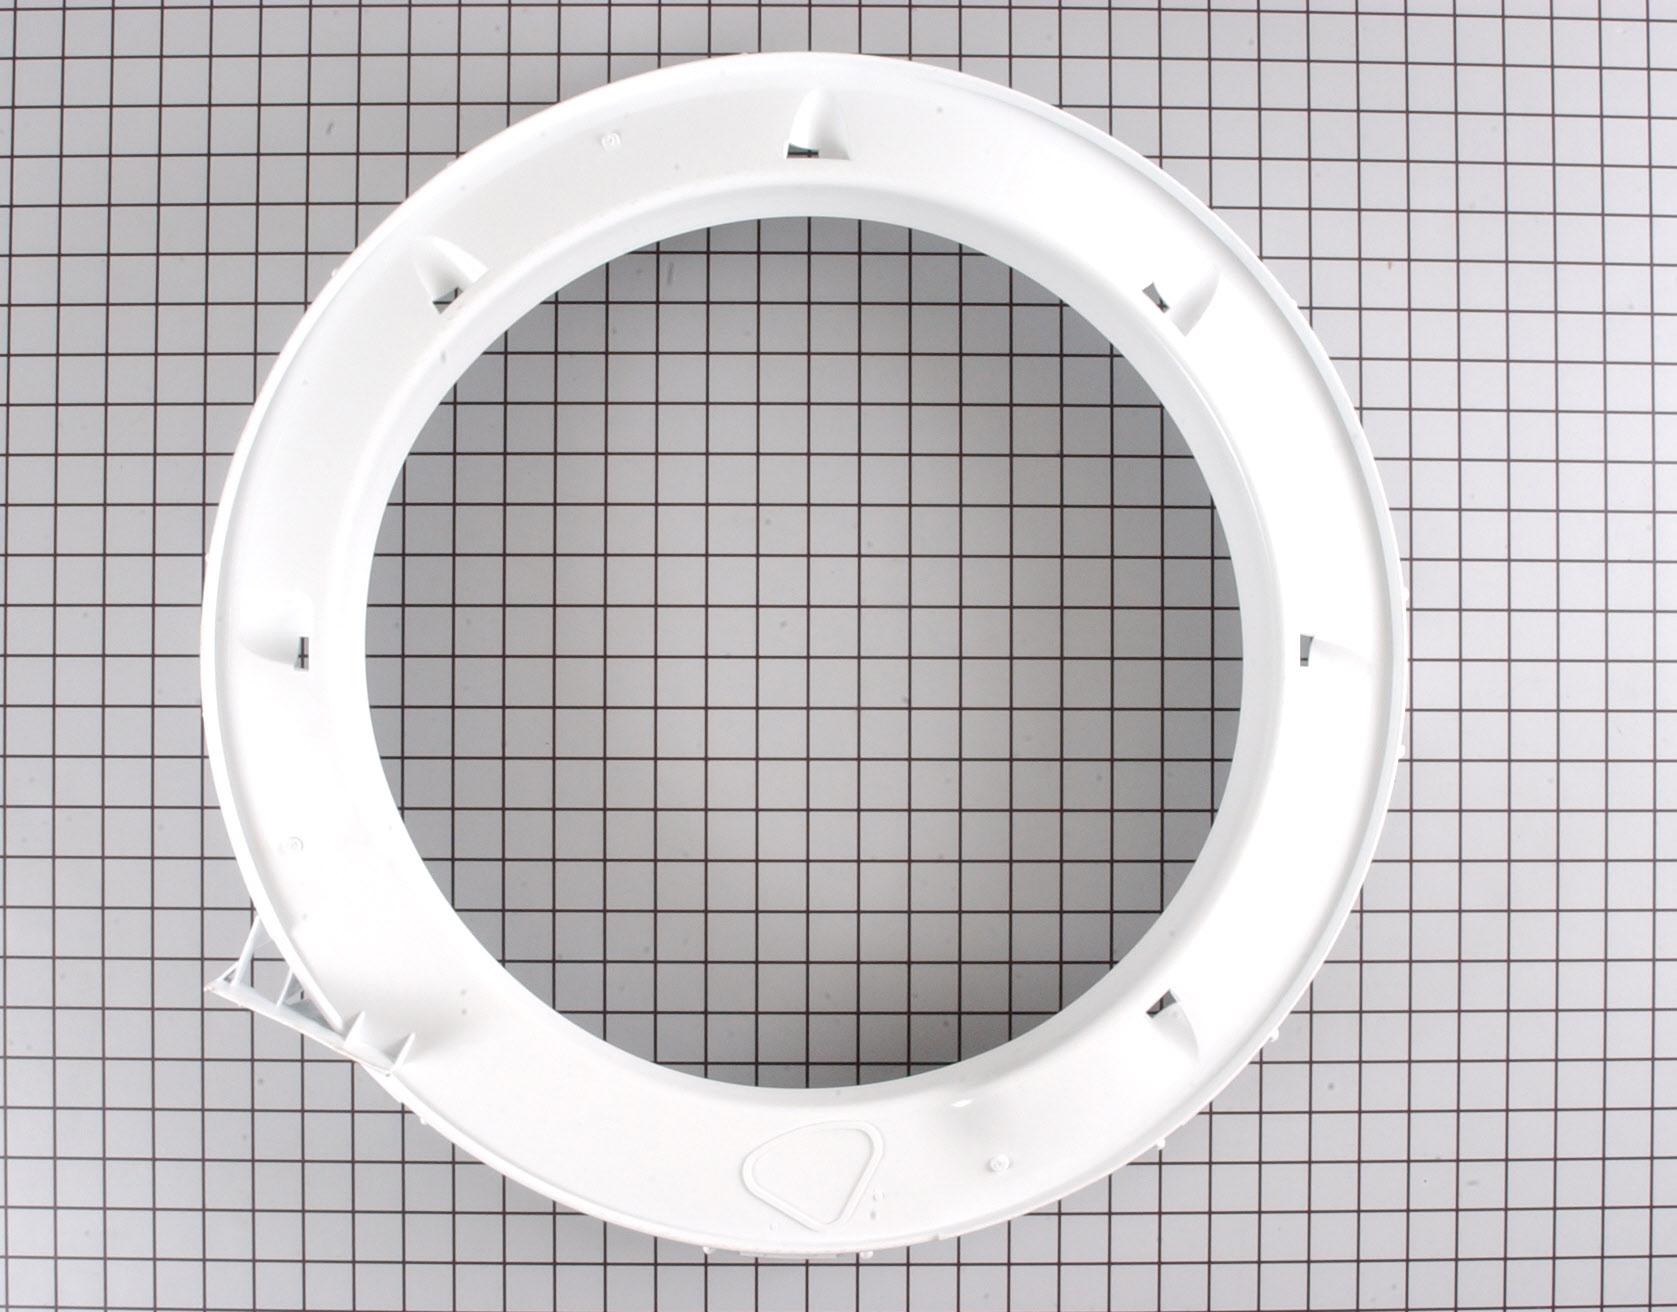 22001299 Maytag Washing Machine Part -Tub Cover